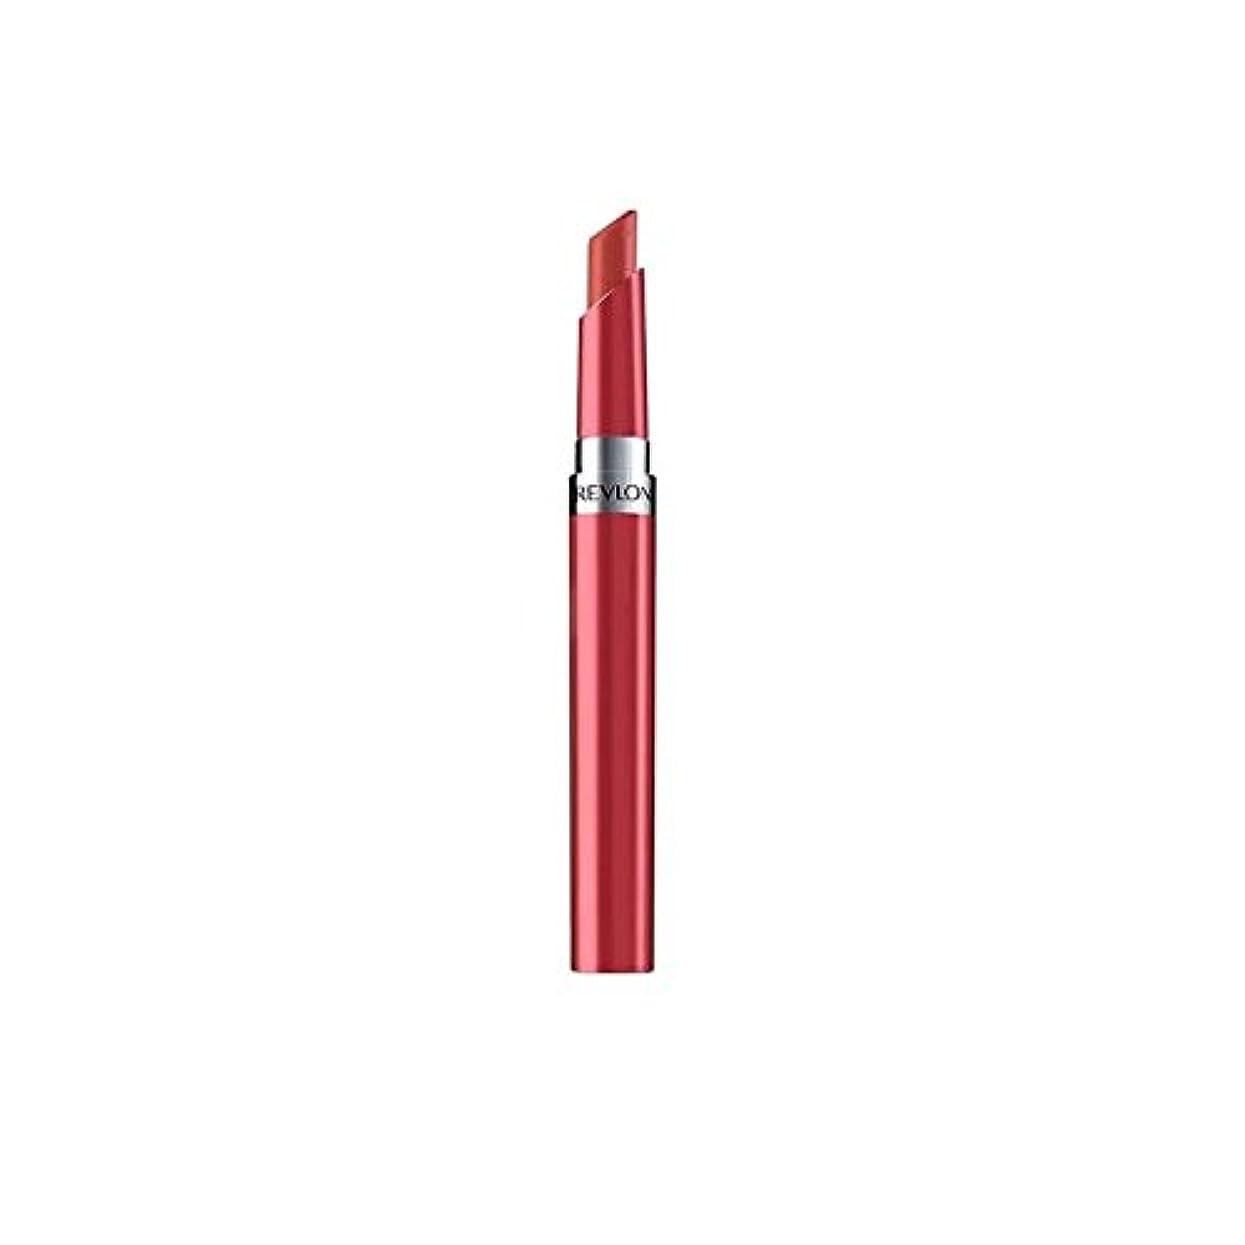 厳しいもっと少なく役立つレブロンウルトラゲルサンゴ x4 - Revlon Ultra HD Gel Lipcolor Coral (Pack of 4) [並行輸入品]